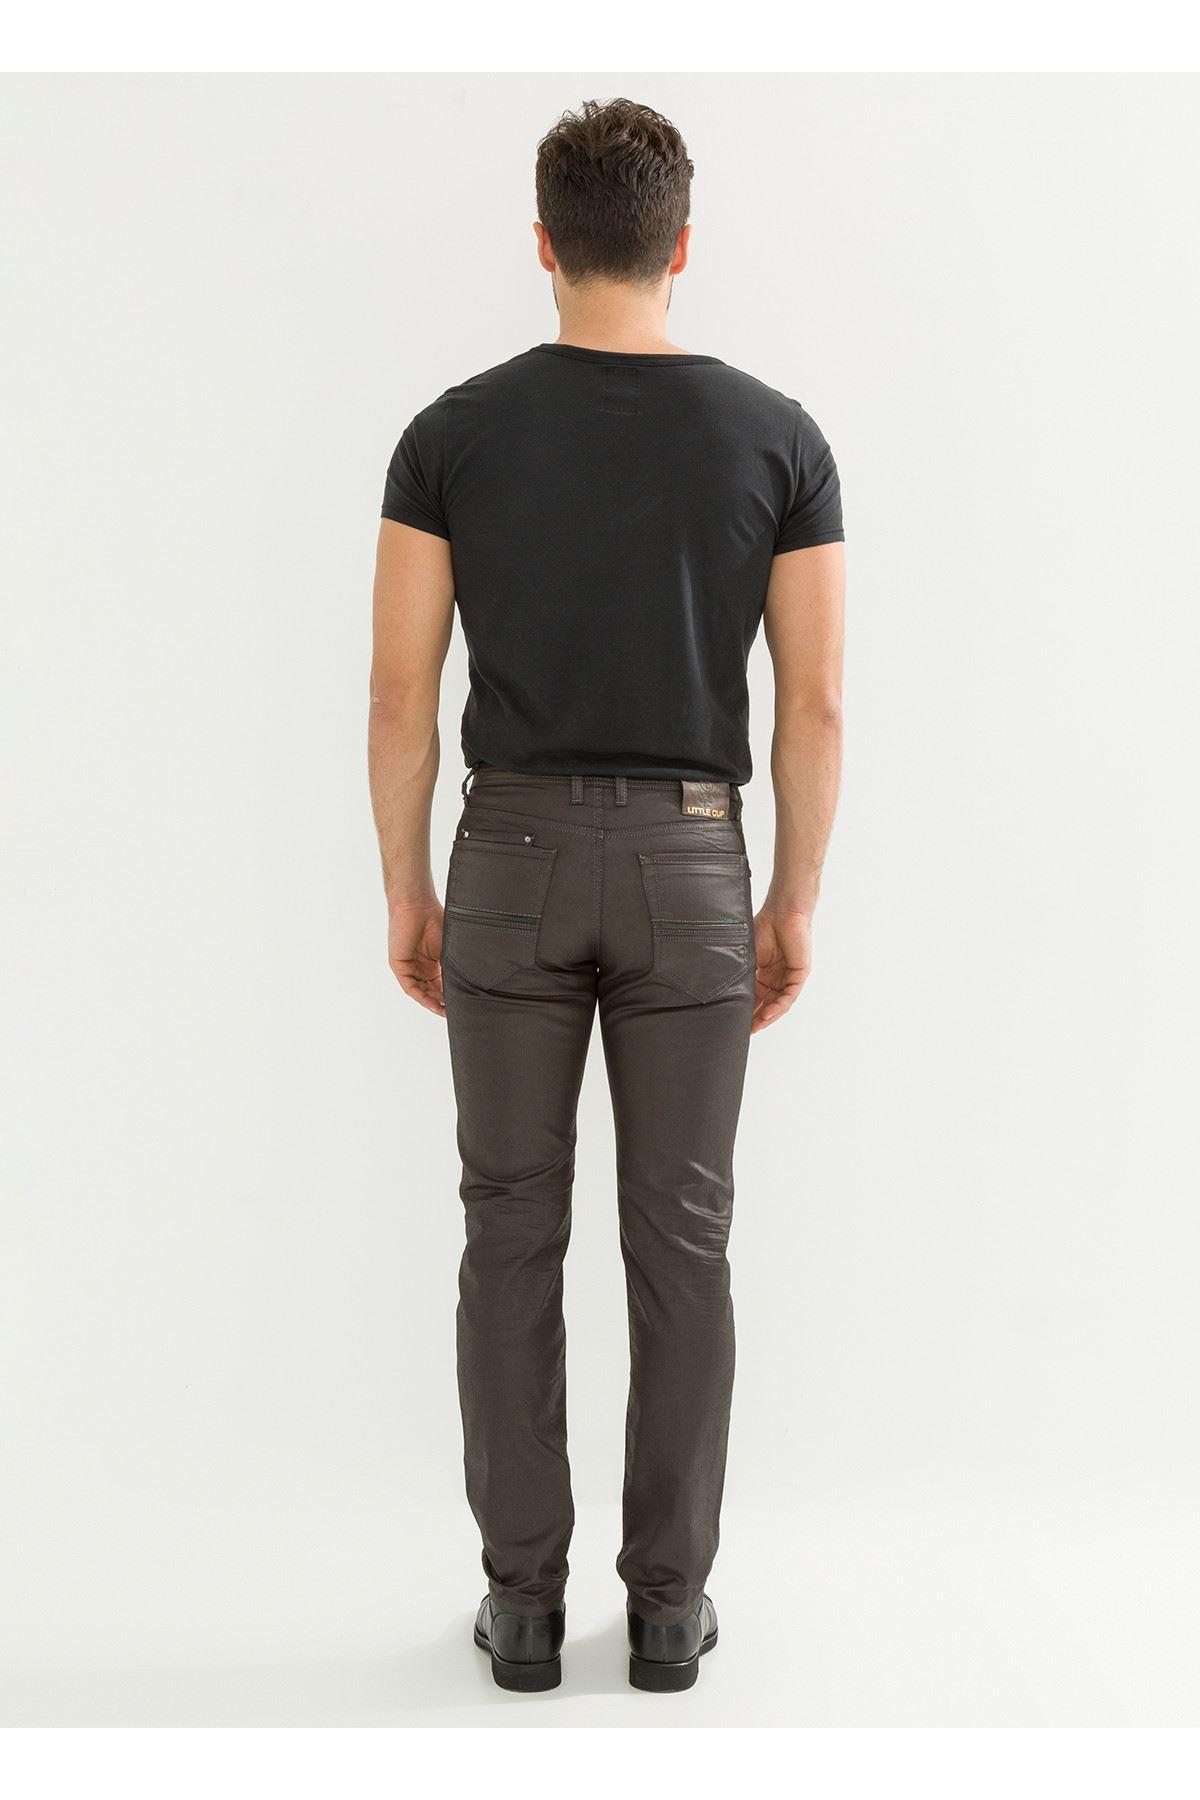 Deri Görünüm Özel Kaplamalı Kahve Erkek Pantolon